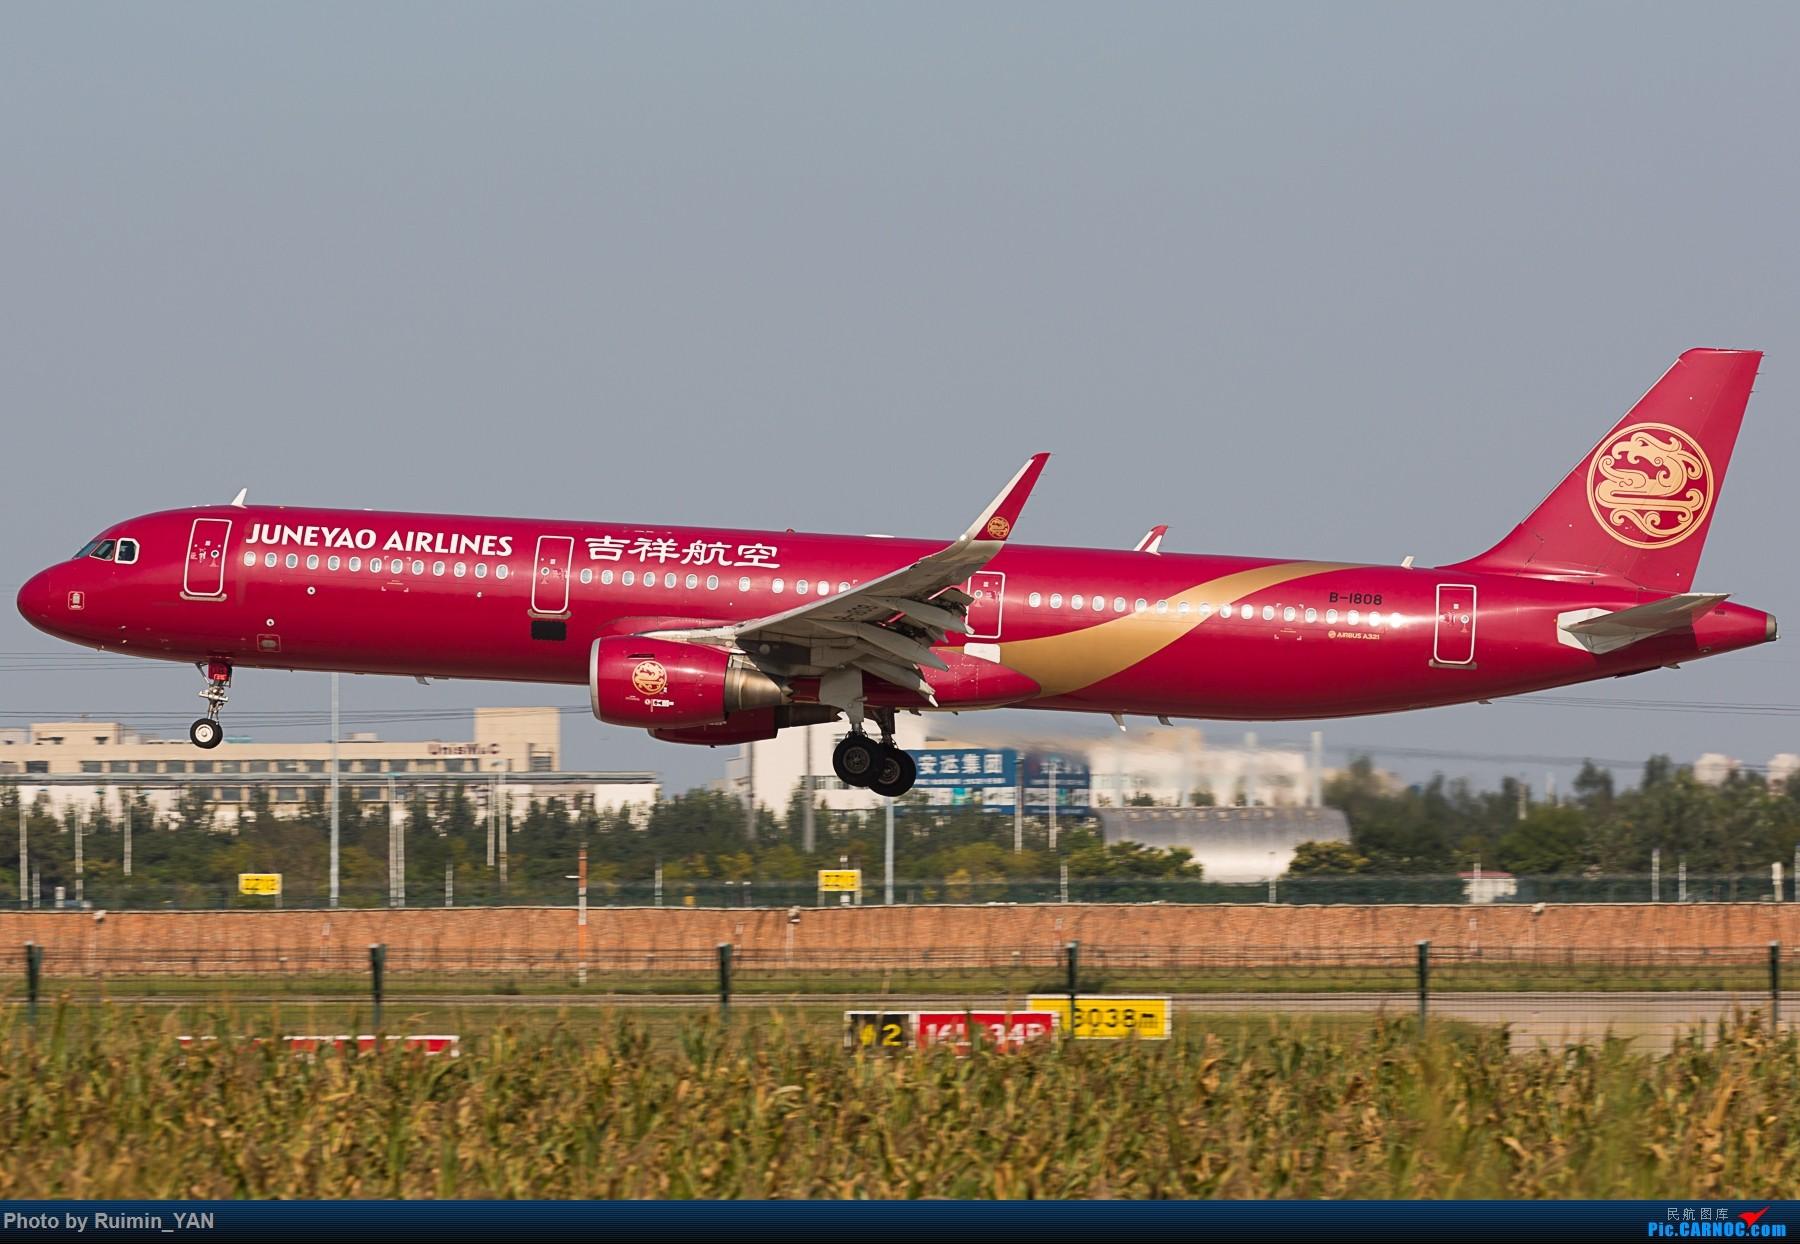 Re:[原创]【TSN】【彩绘】吉祥航空大姨妈 A321 B-1808 AIRBUS A321-200 B-1808 中国天津滨海国际机场